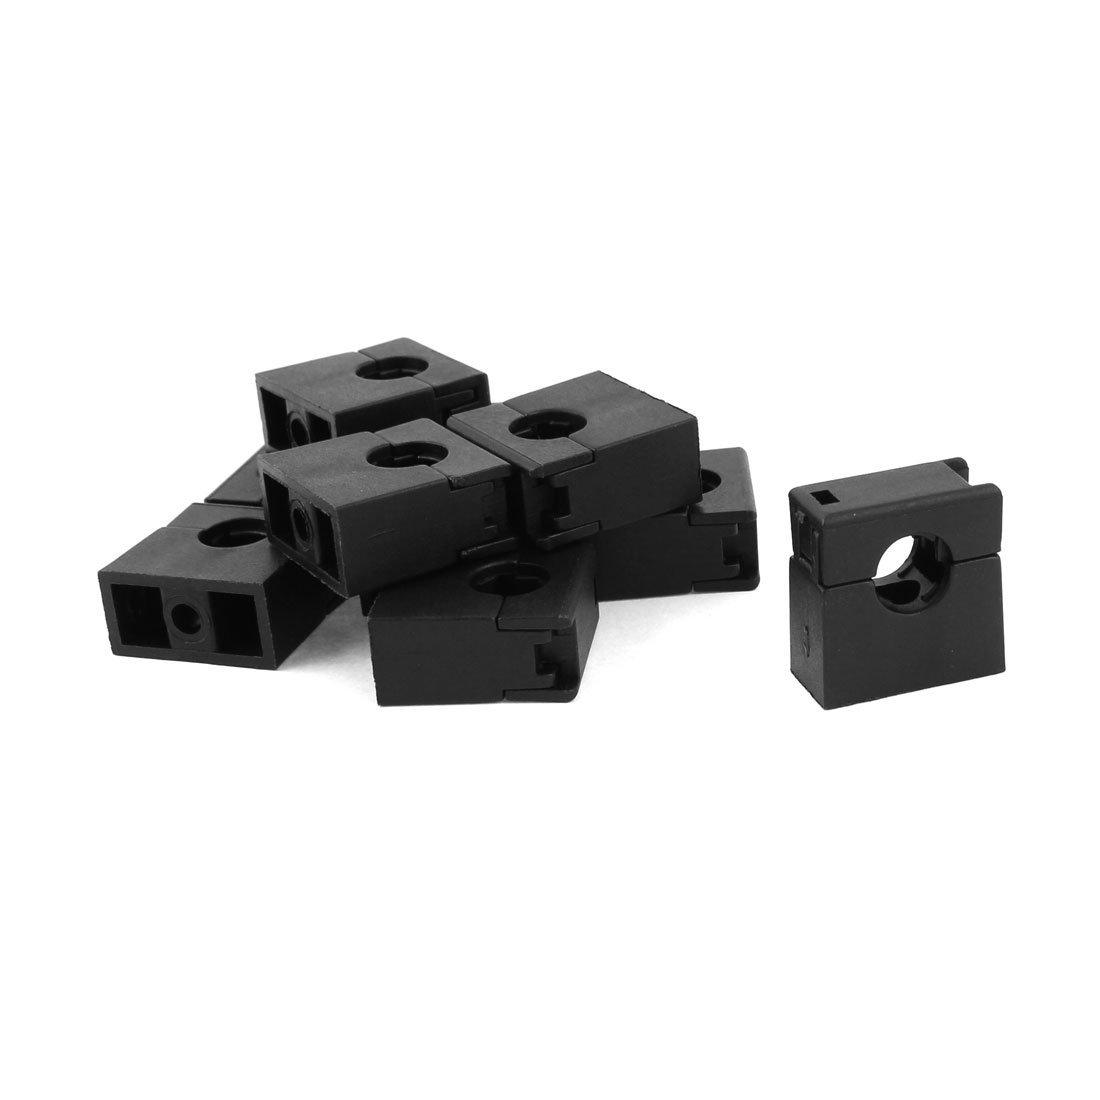 Sourcingmap ® khung ống dẫn sóng AD10 ống kẹp kẹp 10 PCS khung màu đen.